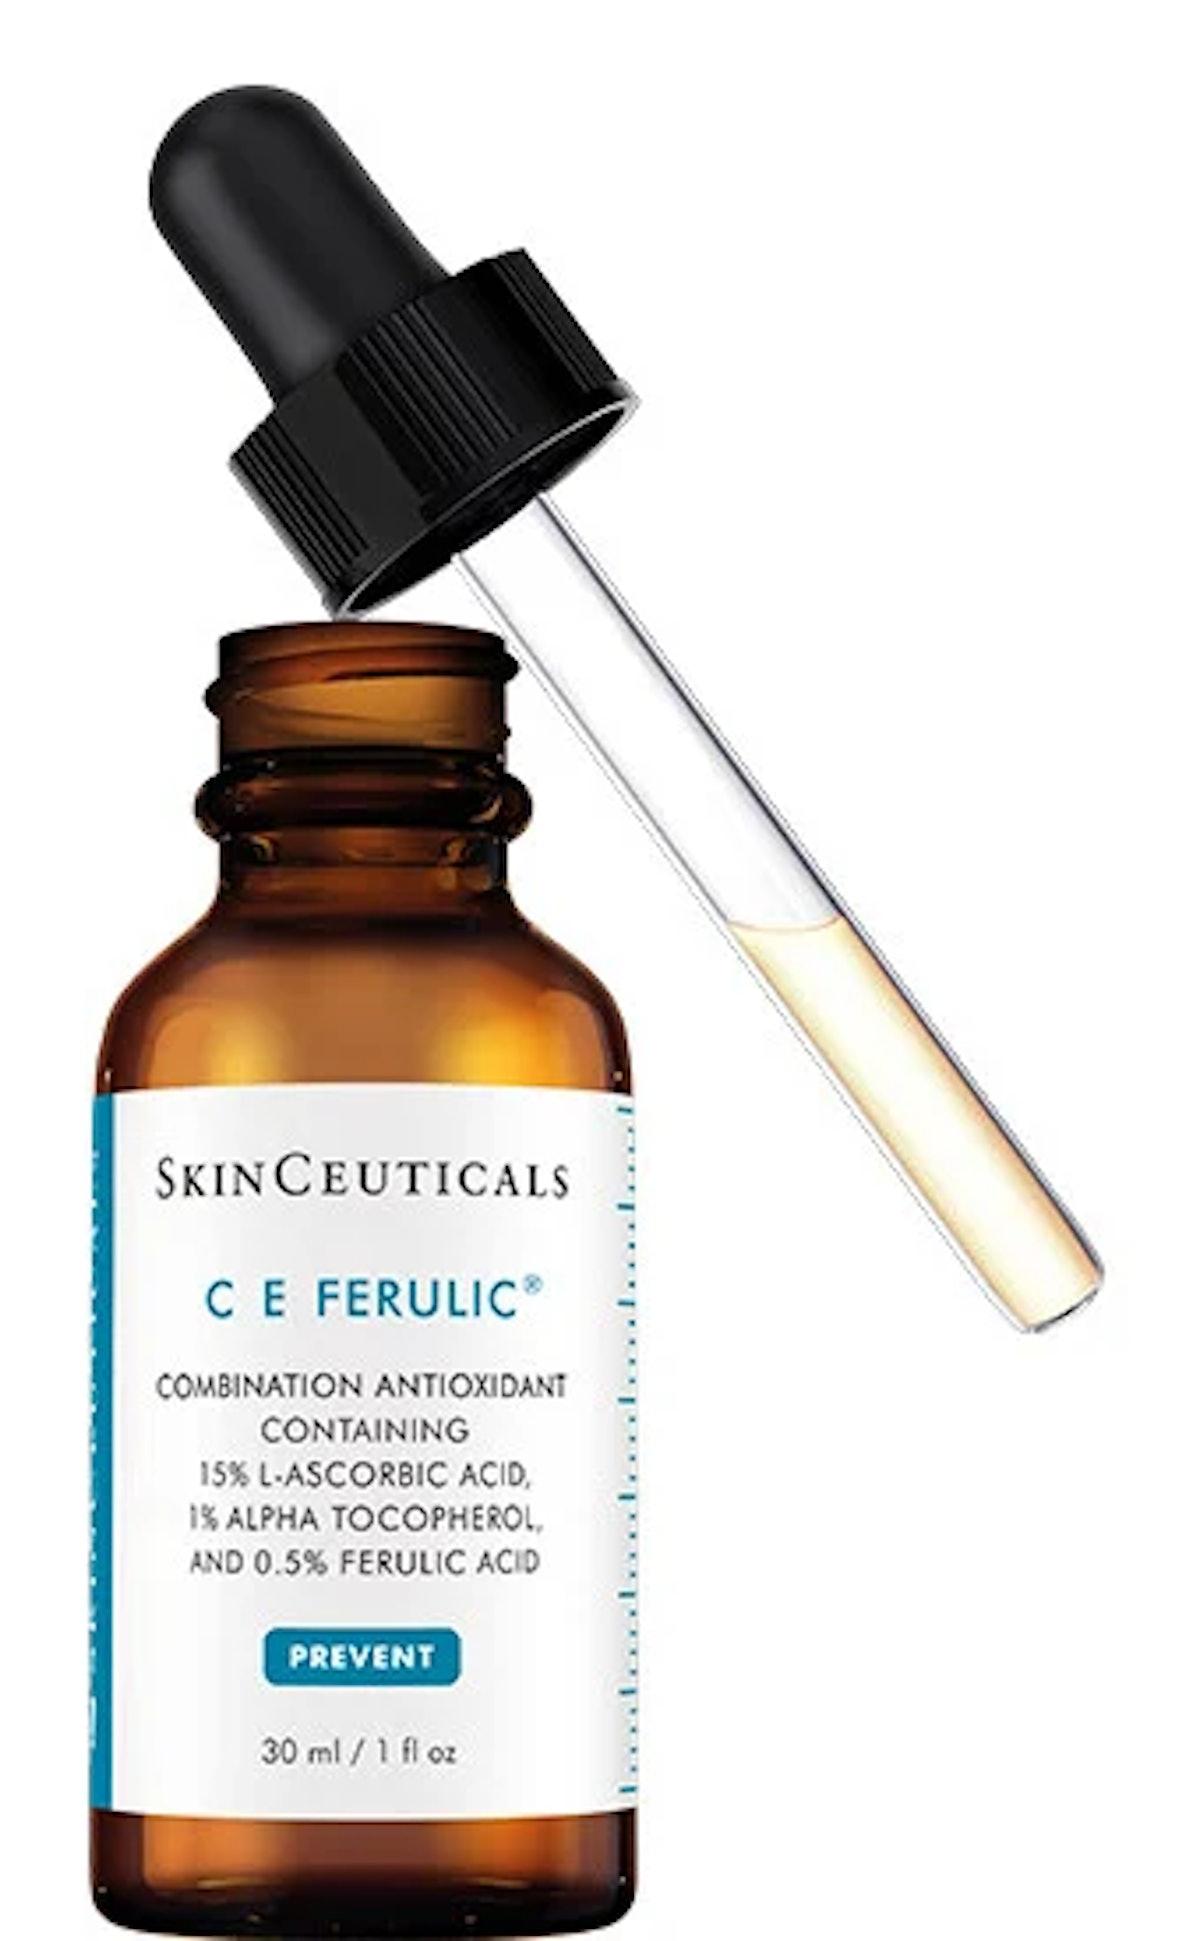 C+E Ferulic Serum